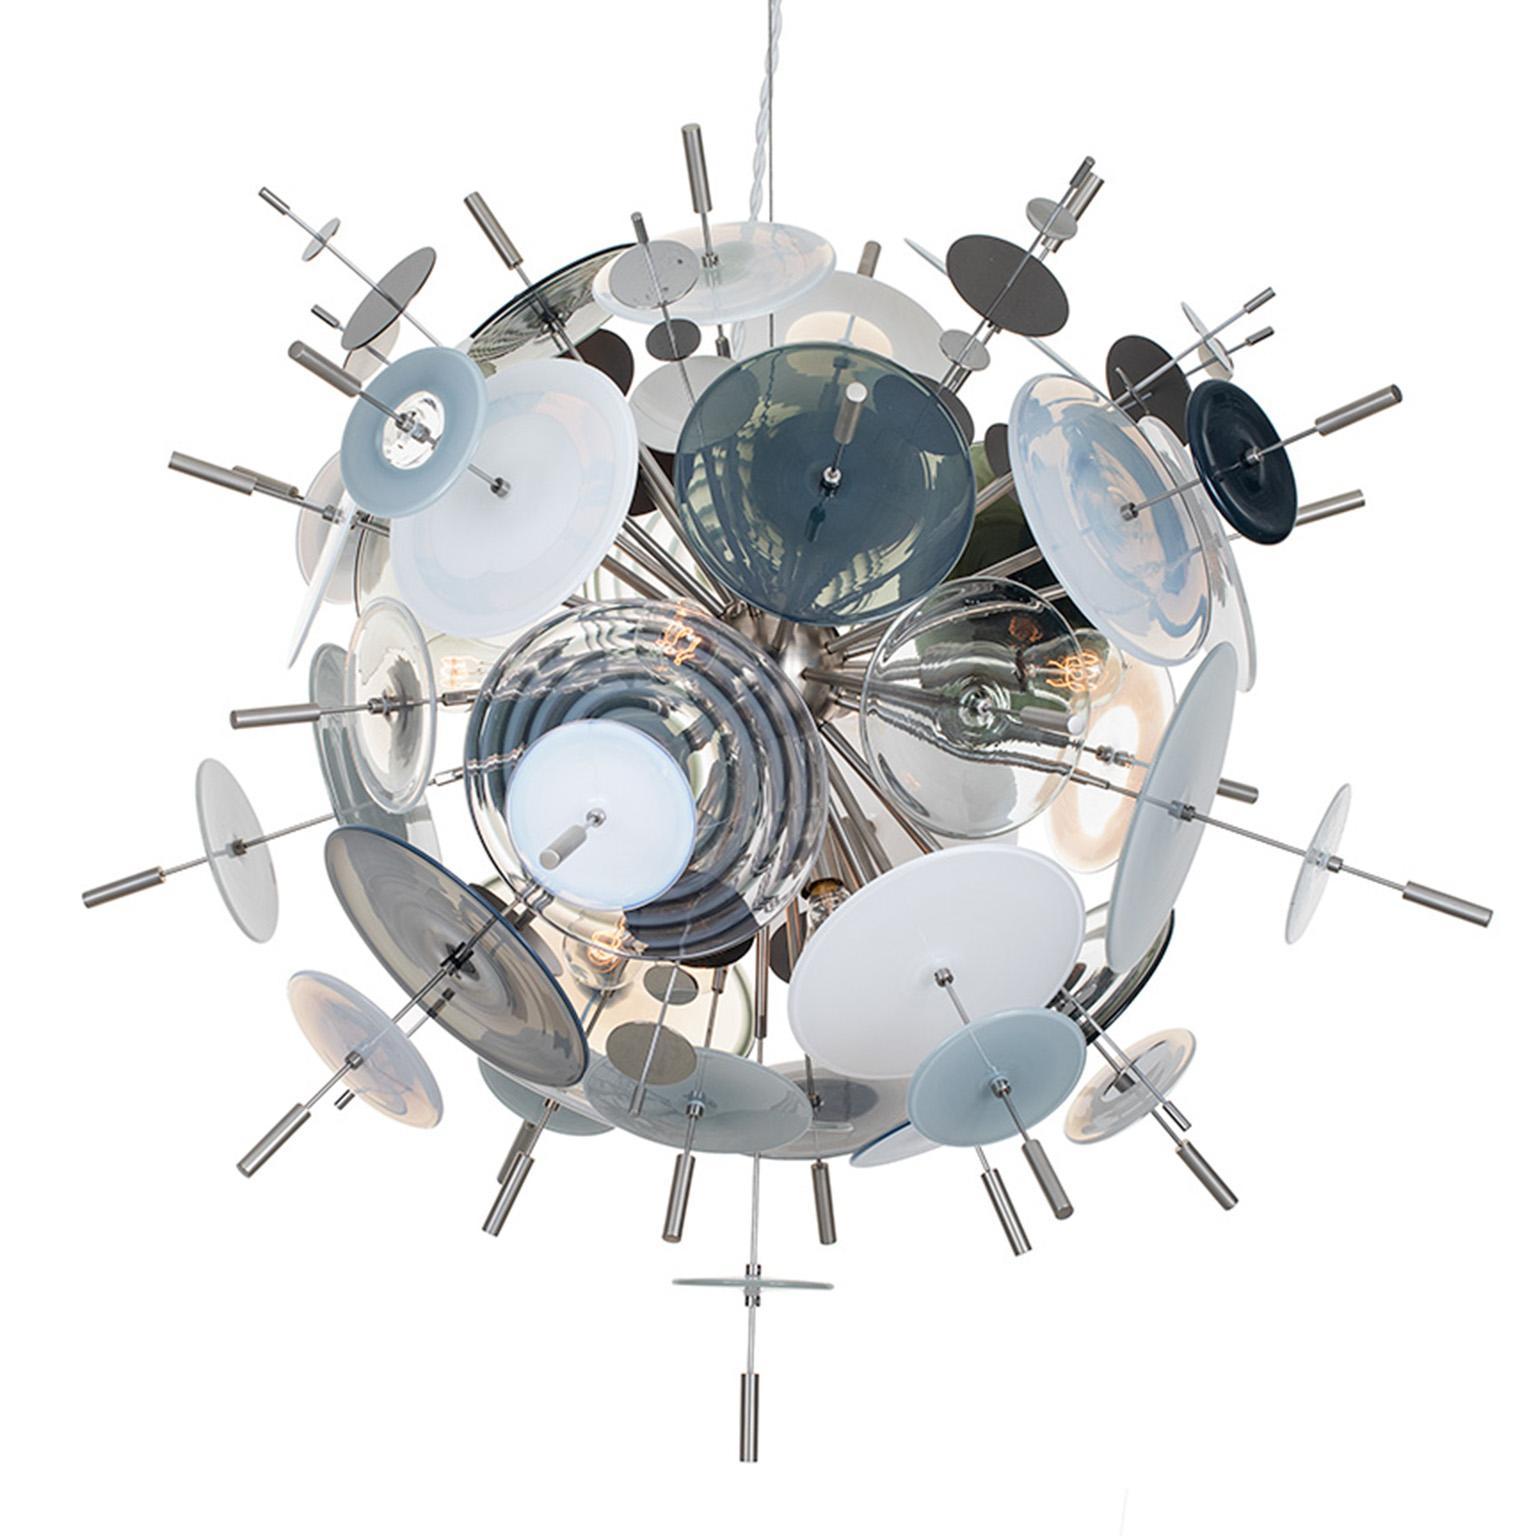 Confetti Glass Black and White Chandelier by Avram Rusu Studio